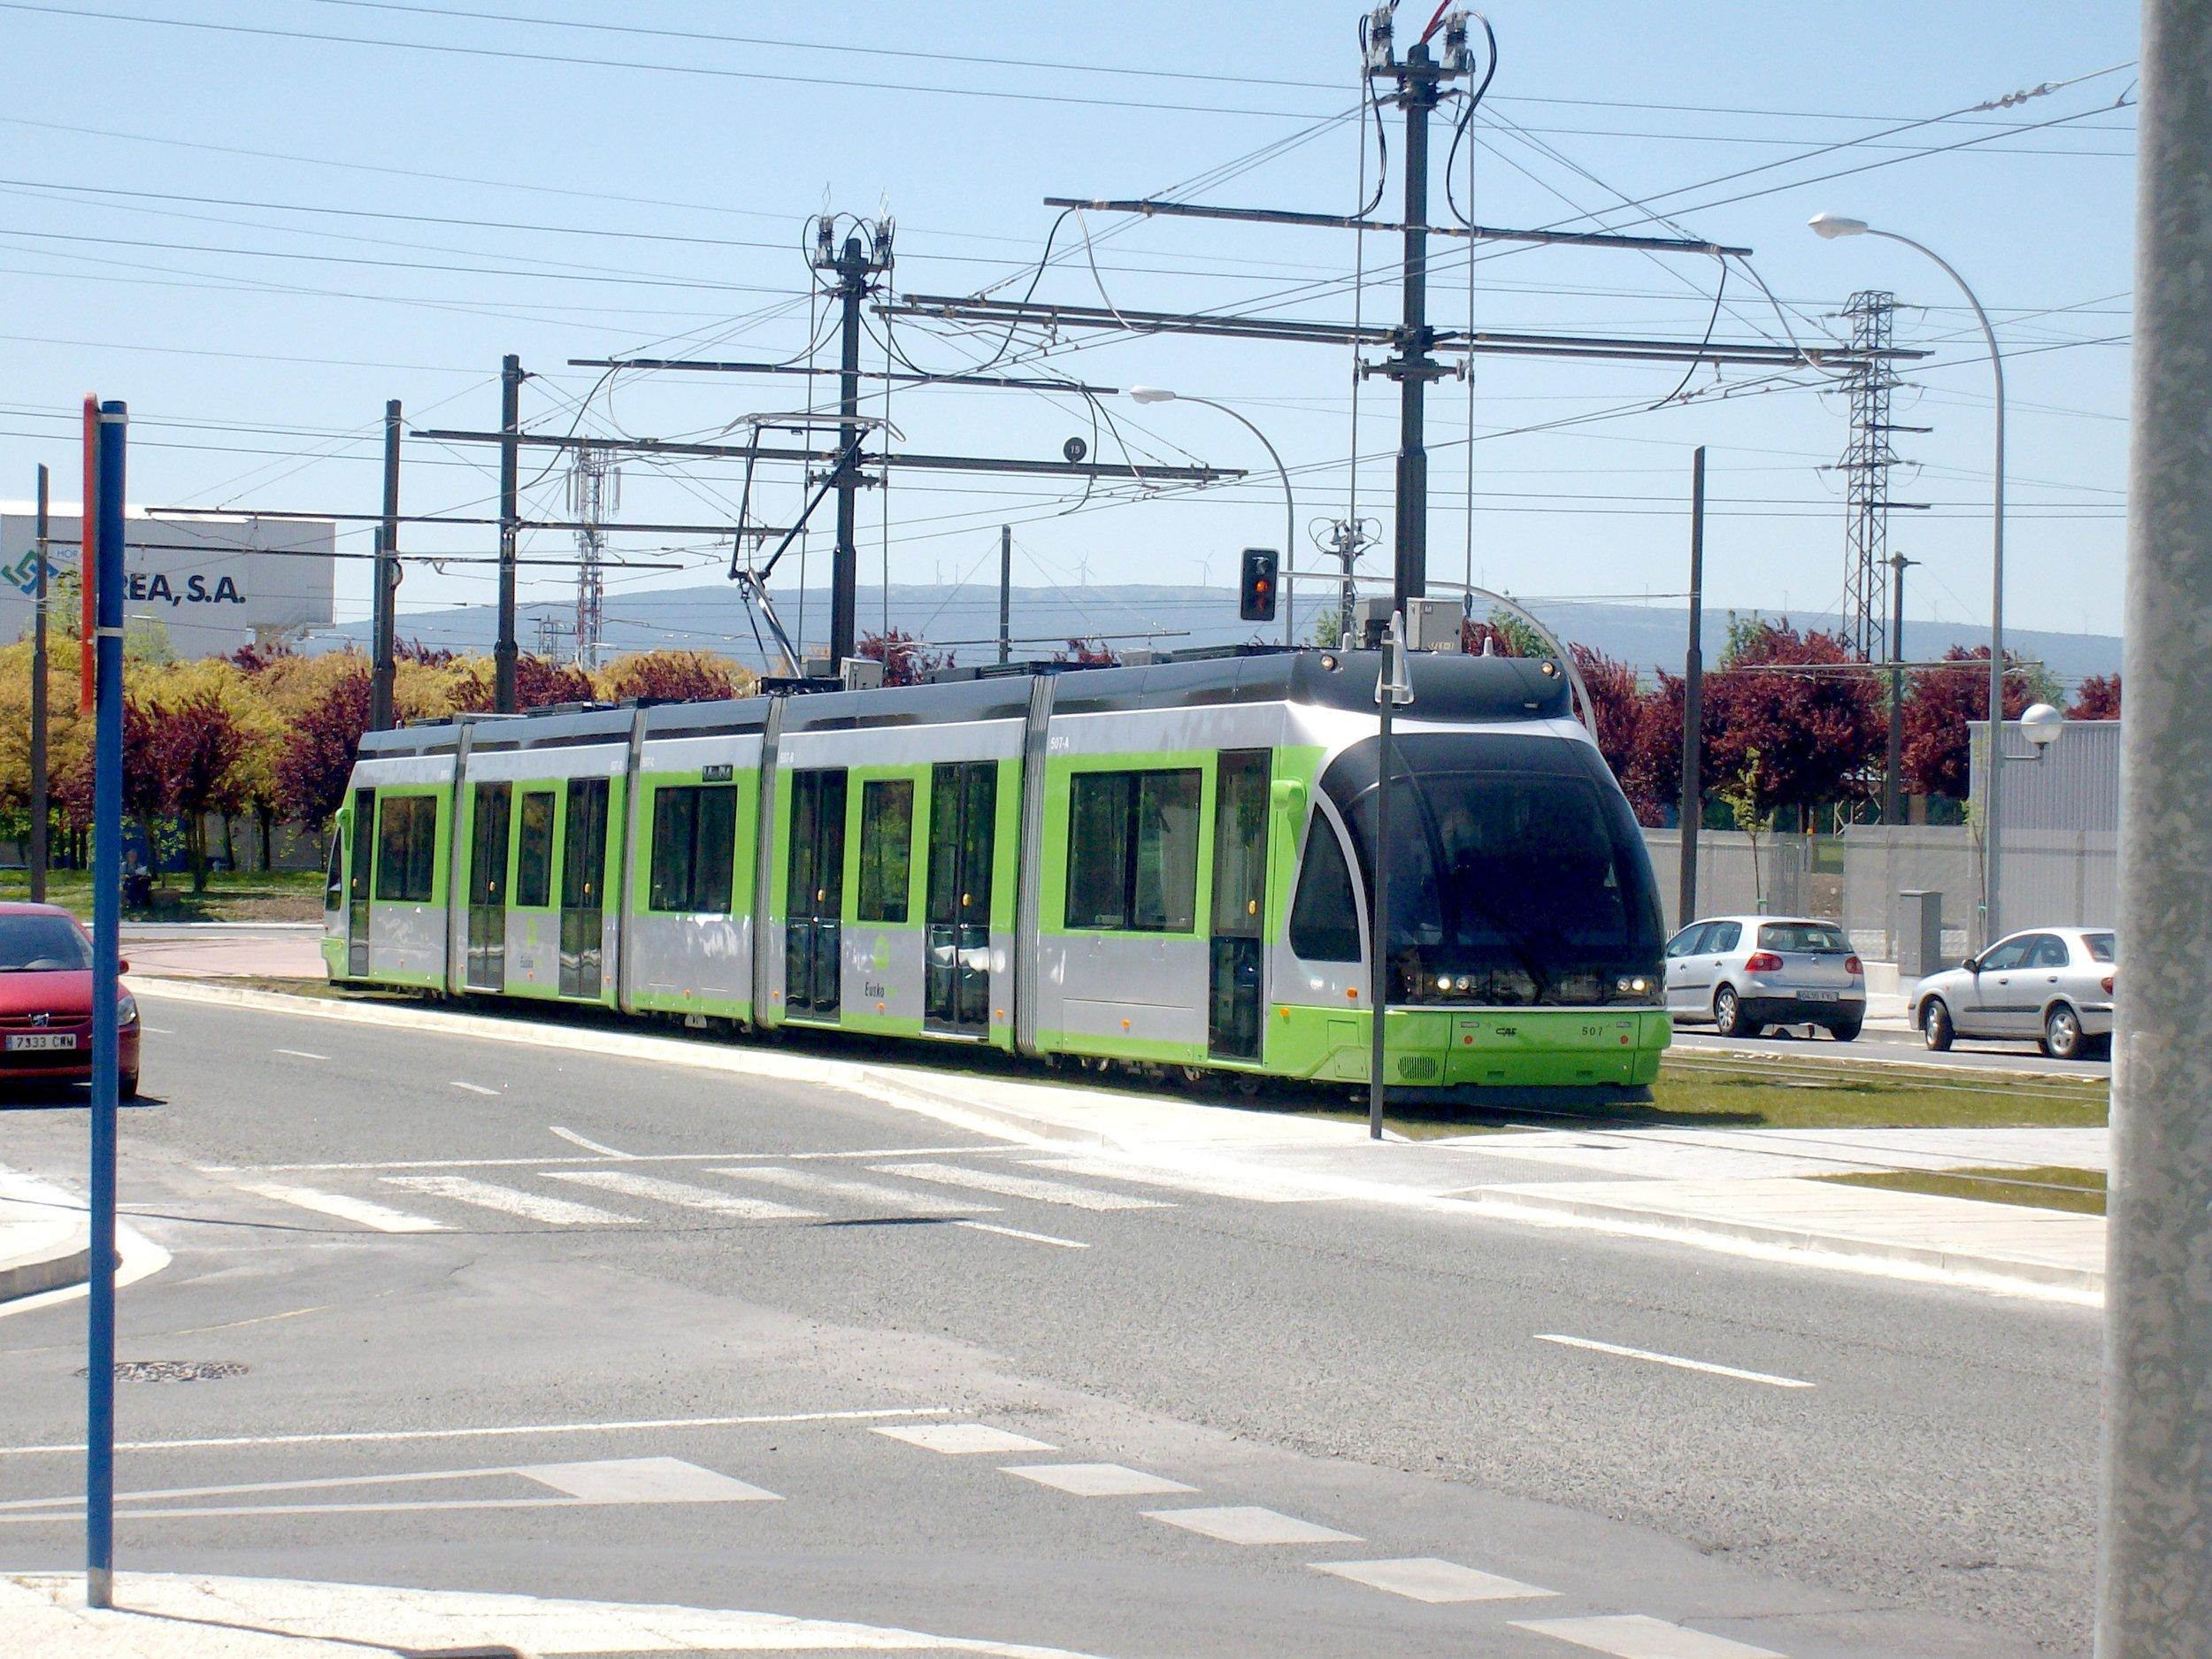 Tramvaj ve Vitorii na třech snímcích.(foto: Juanjo Olaizola Elordi)